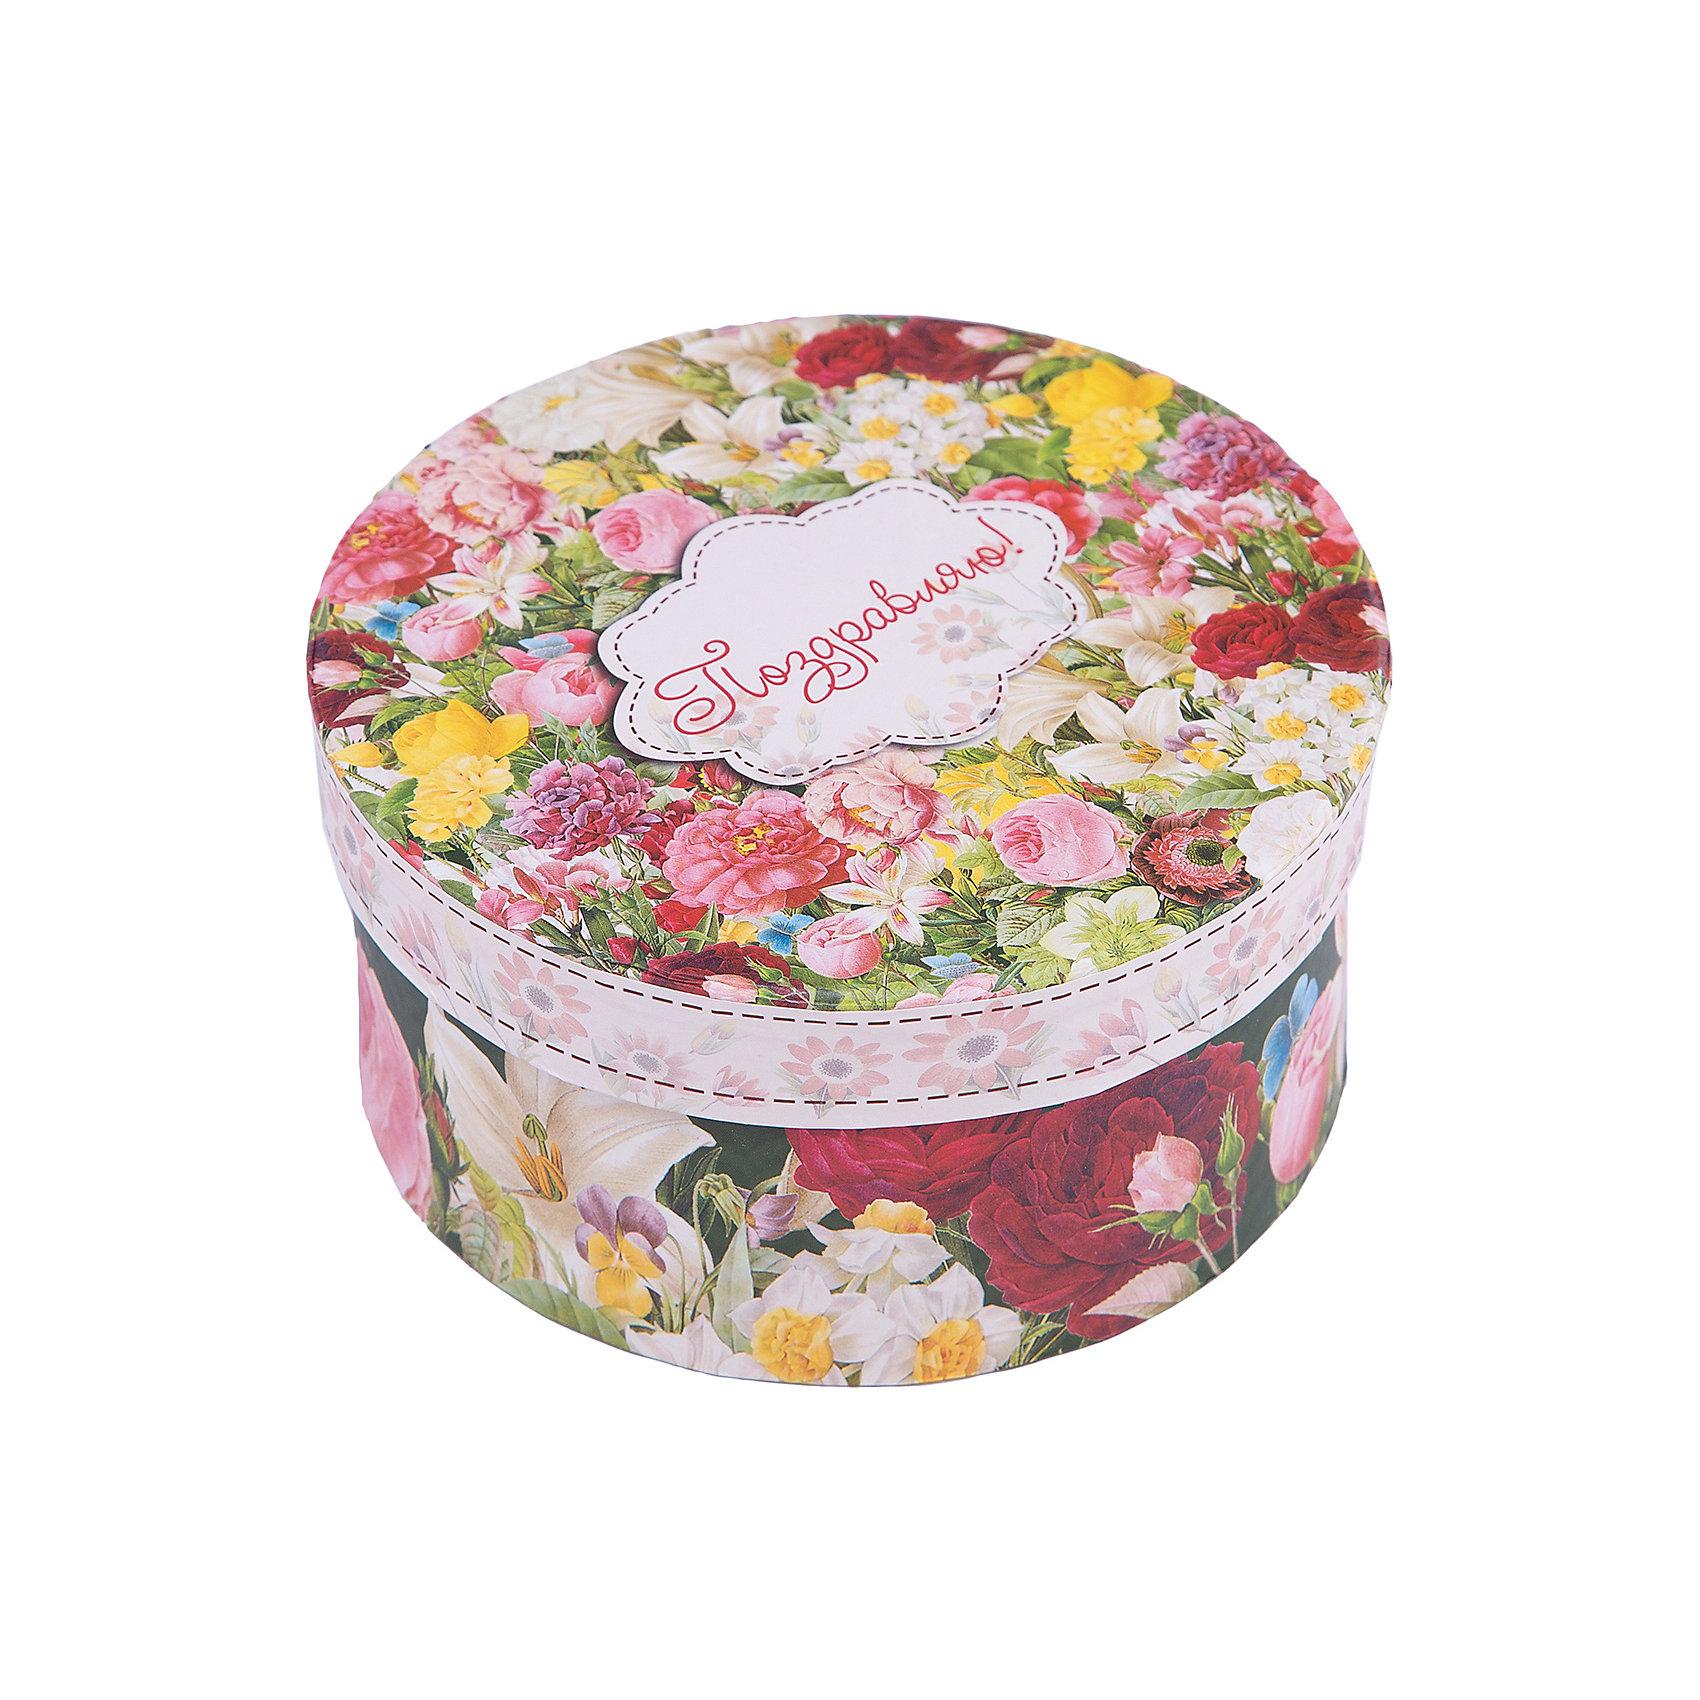 Коробка подарочная Райский сад, 14х14х7см., Феникс-ПрезентДетские подарочные коробки<br>Коробка подарочная Райский сад, 14х14х7см., Феникс-Презент<br><br>Характеристики:<br><br>• подарочная коробка с крышкой<br>• оригинальный дизайн<br>• изготовлена из мелованного ламинированного картона<br>• плотность 1100 г/м2<br>• рисунок на внутренней и наружной стороне<br>• размер: 14х14х7 см<br><br>Красивая подарочная коробка подарит массу положительных эмоций и создаст праздничное настроение. Коробка Райский сад изготовлена из плотного ламинированного картона. Наружная сторона оформлена ярким цветочным узором. Изделие имеет круглую форму, закрывается с помощью крышки. Такой подарок не оставит получателя равнодушным!<br><br>Коробка подарочная Райский сад, 14х14х7см., Феникс-Презент вы можете купить в нашем интернет-магазине.<br><br>Ширина мм: 140<br>Глубина мм: 140<br>Высота мм: 70<br>Вес г: 60<br>Возраст от месяцев: 36<br>Возраст до месяцев: 2147483647<br>Пол: Унисекс<br>Возраст: Детский<br>SKU: 5449641